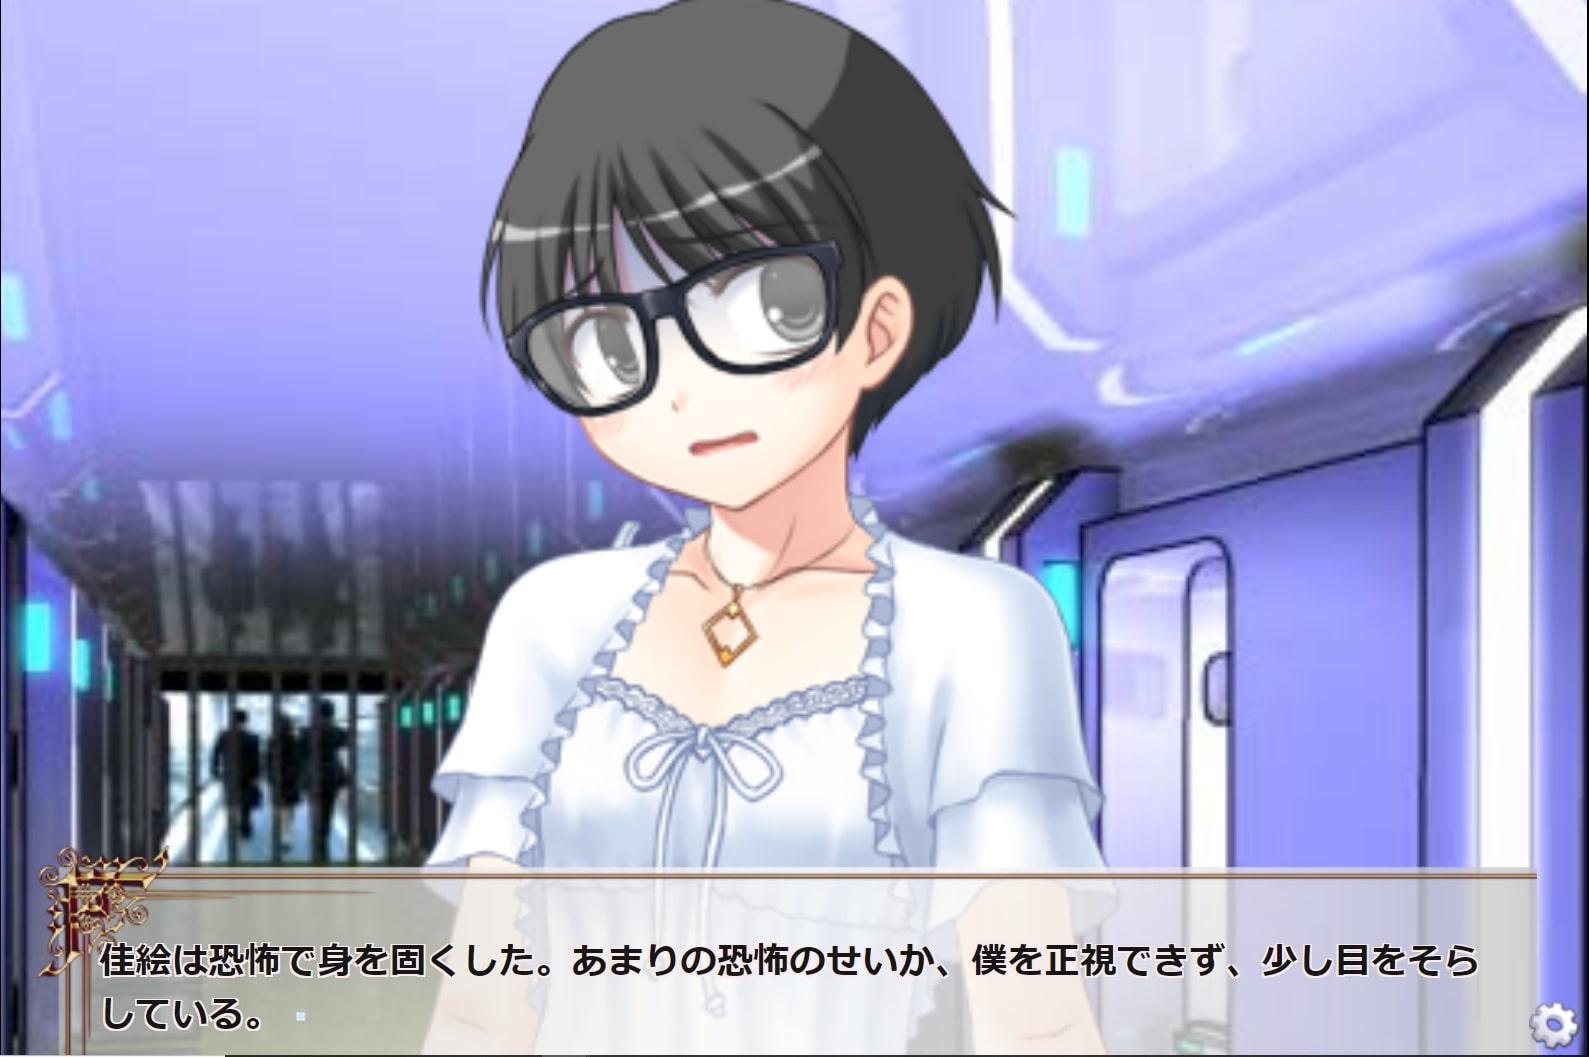 惑星移住後、可愛い異星人に日本文化とおま〇こを教える元大学教員